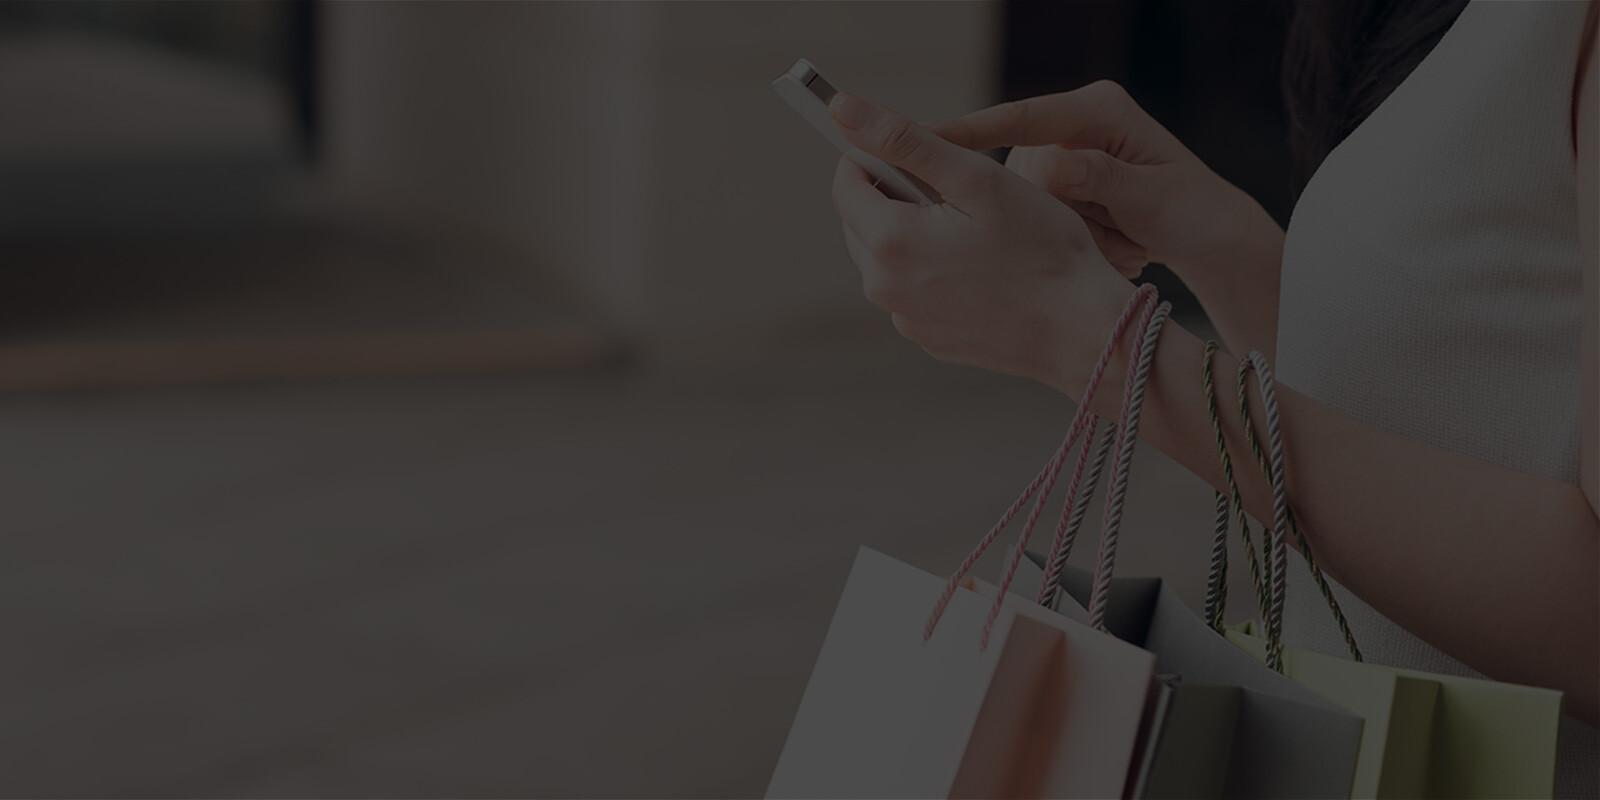 1 E-Ticaret Sitesi, 5 Farklı Kullanıcı